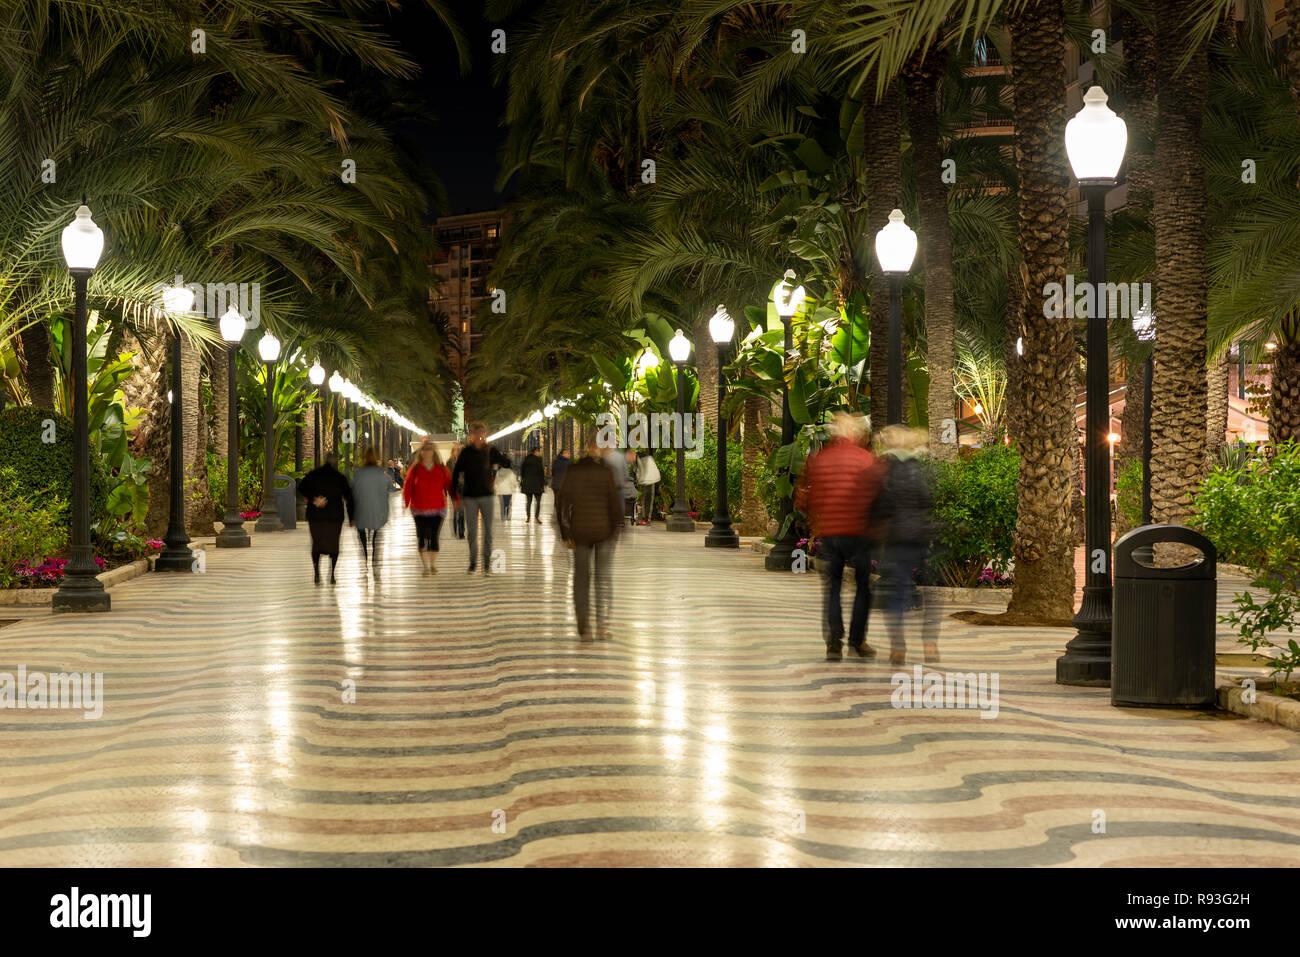 Explanada de España promenade at night, Alicante city, Costa Blanca, Spain - Stock Image